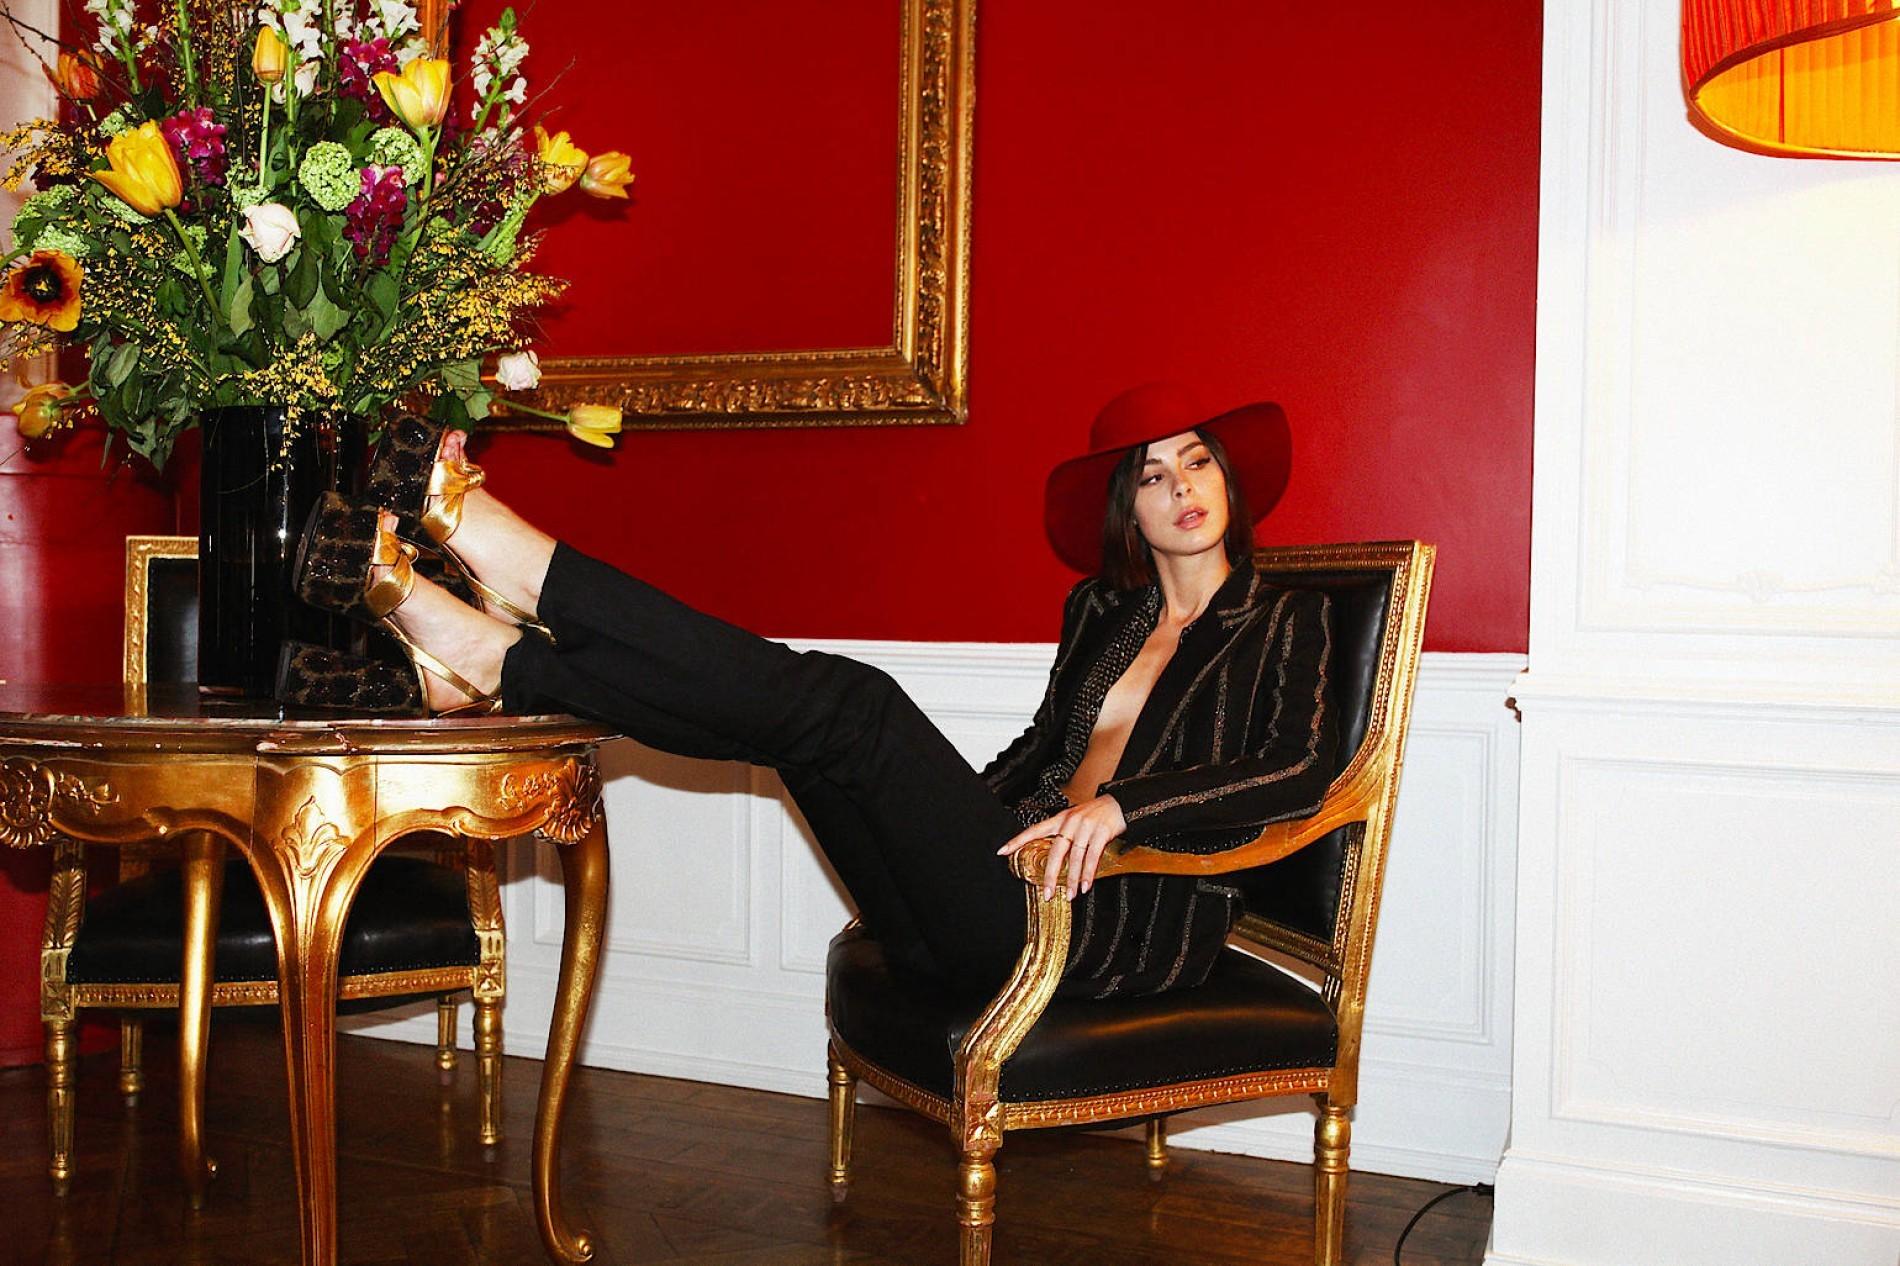 Lena Meyer-Landrut's Feet